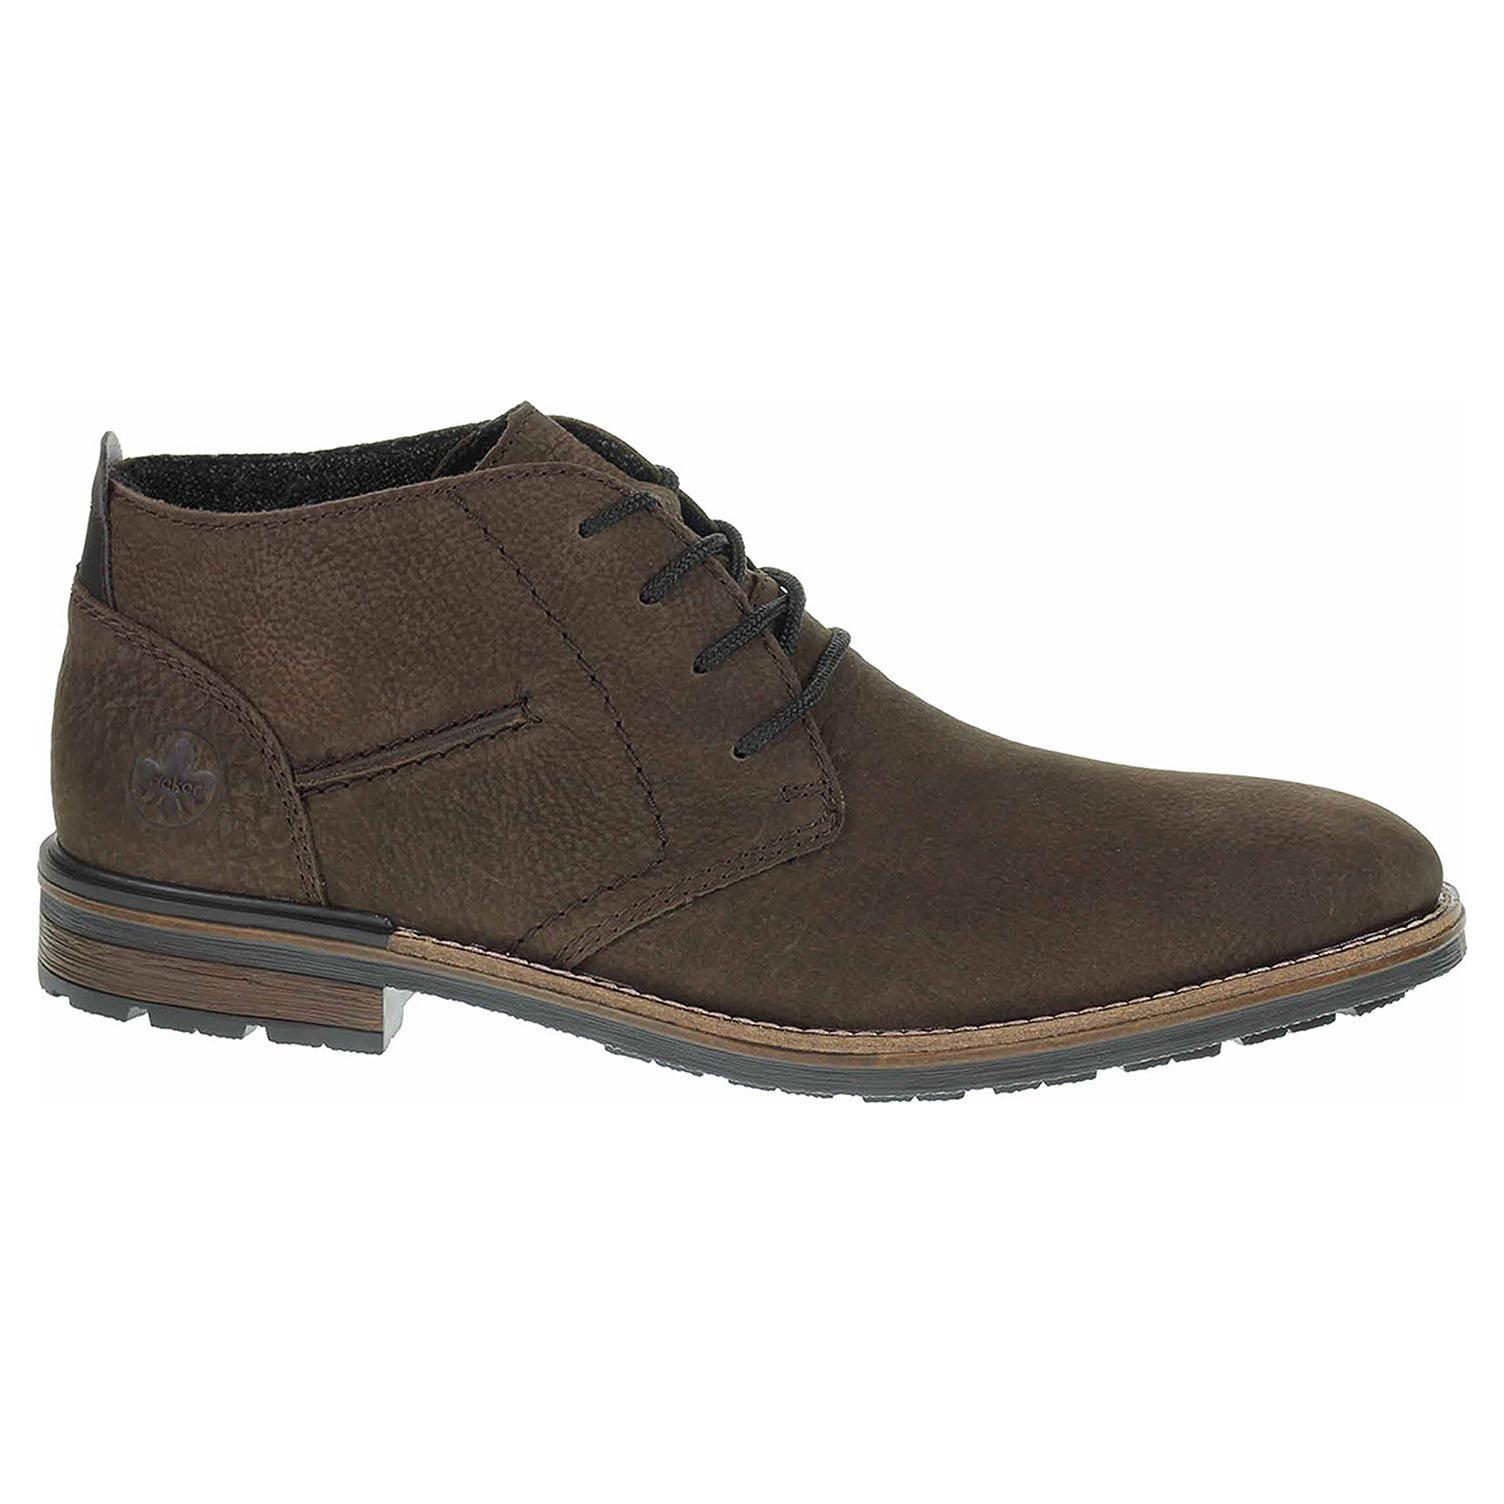 Pánská kotníková obuv Rieker B1330-25 braun B1330-25 41